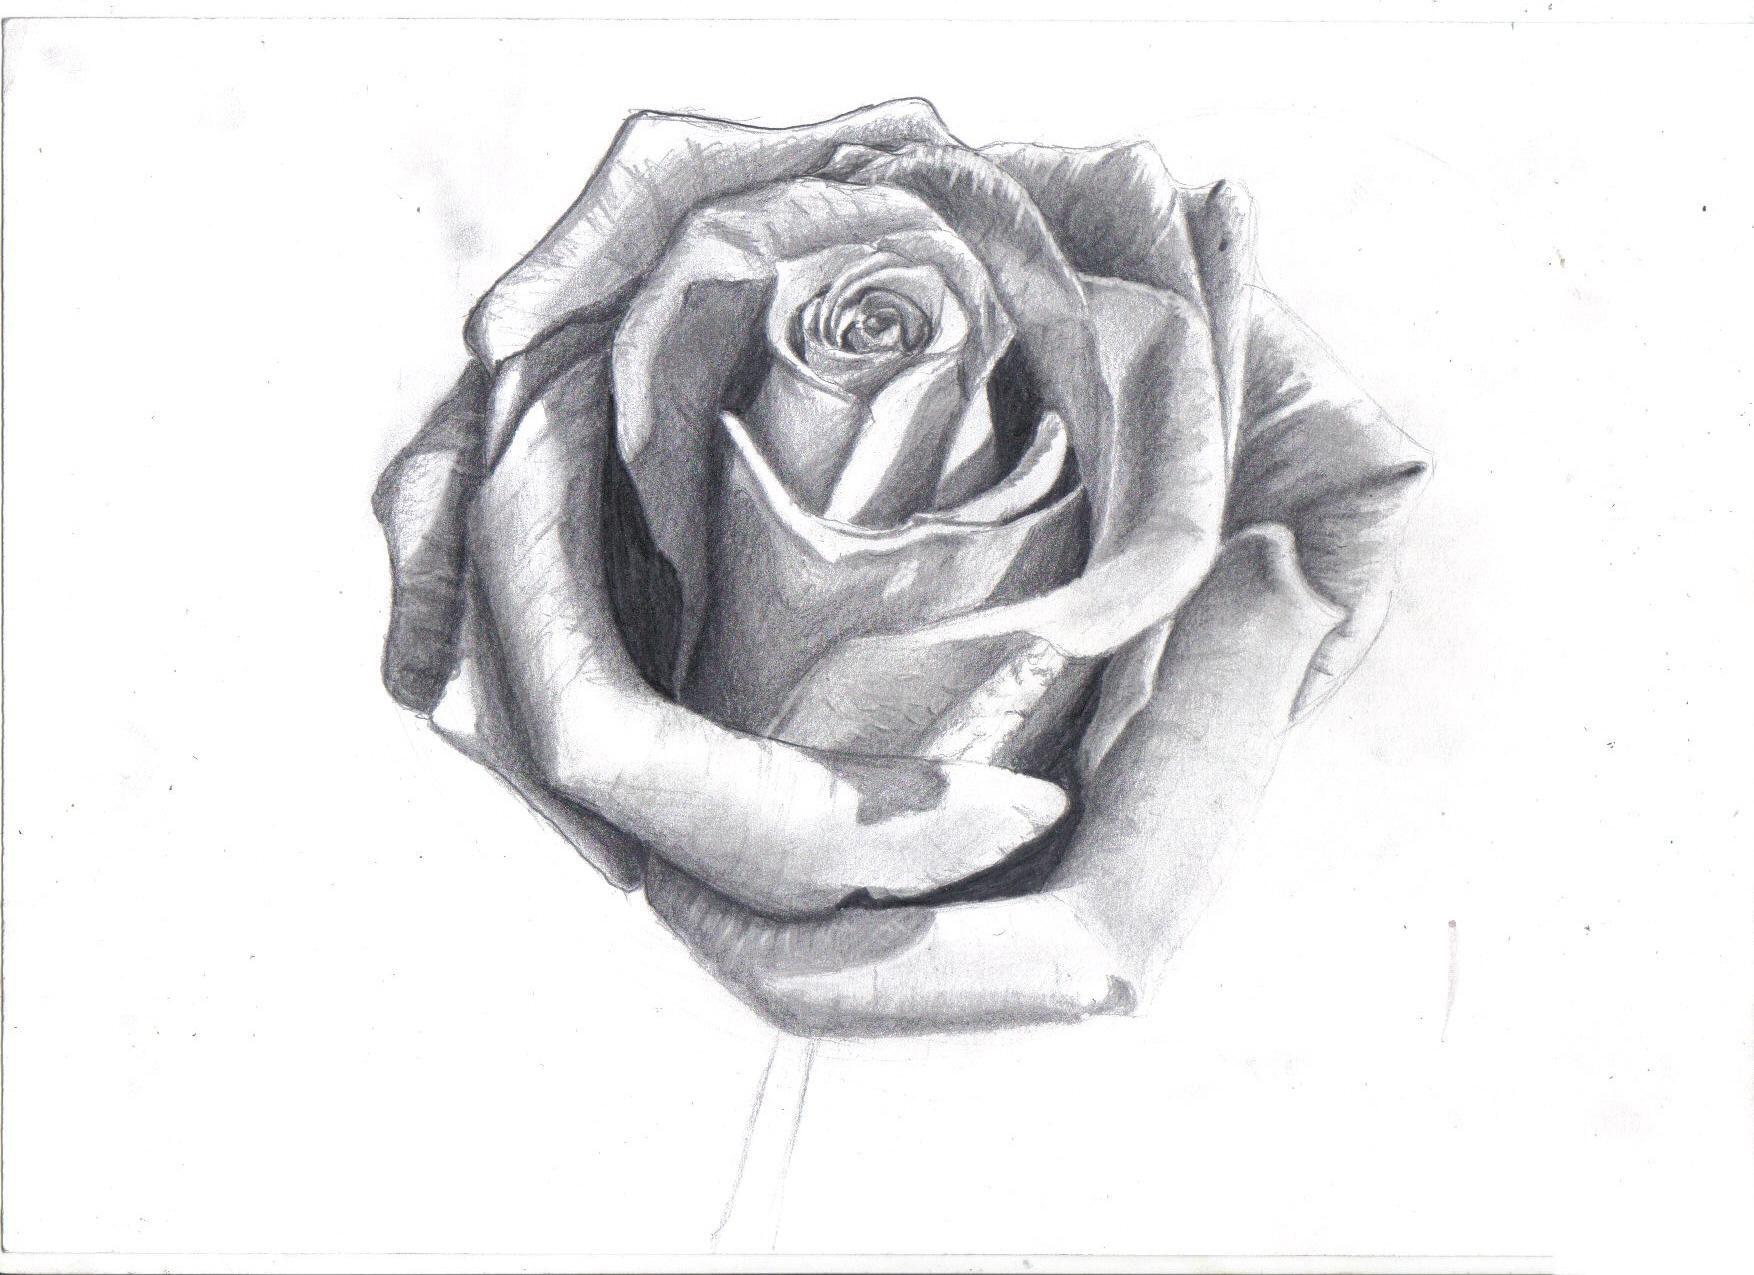 Ảnh vẽ hoa hồng bằng bút chì